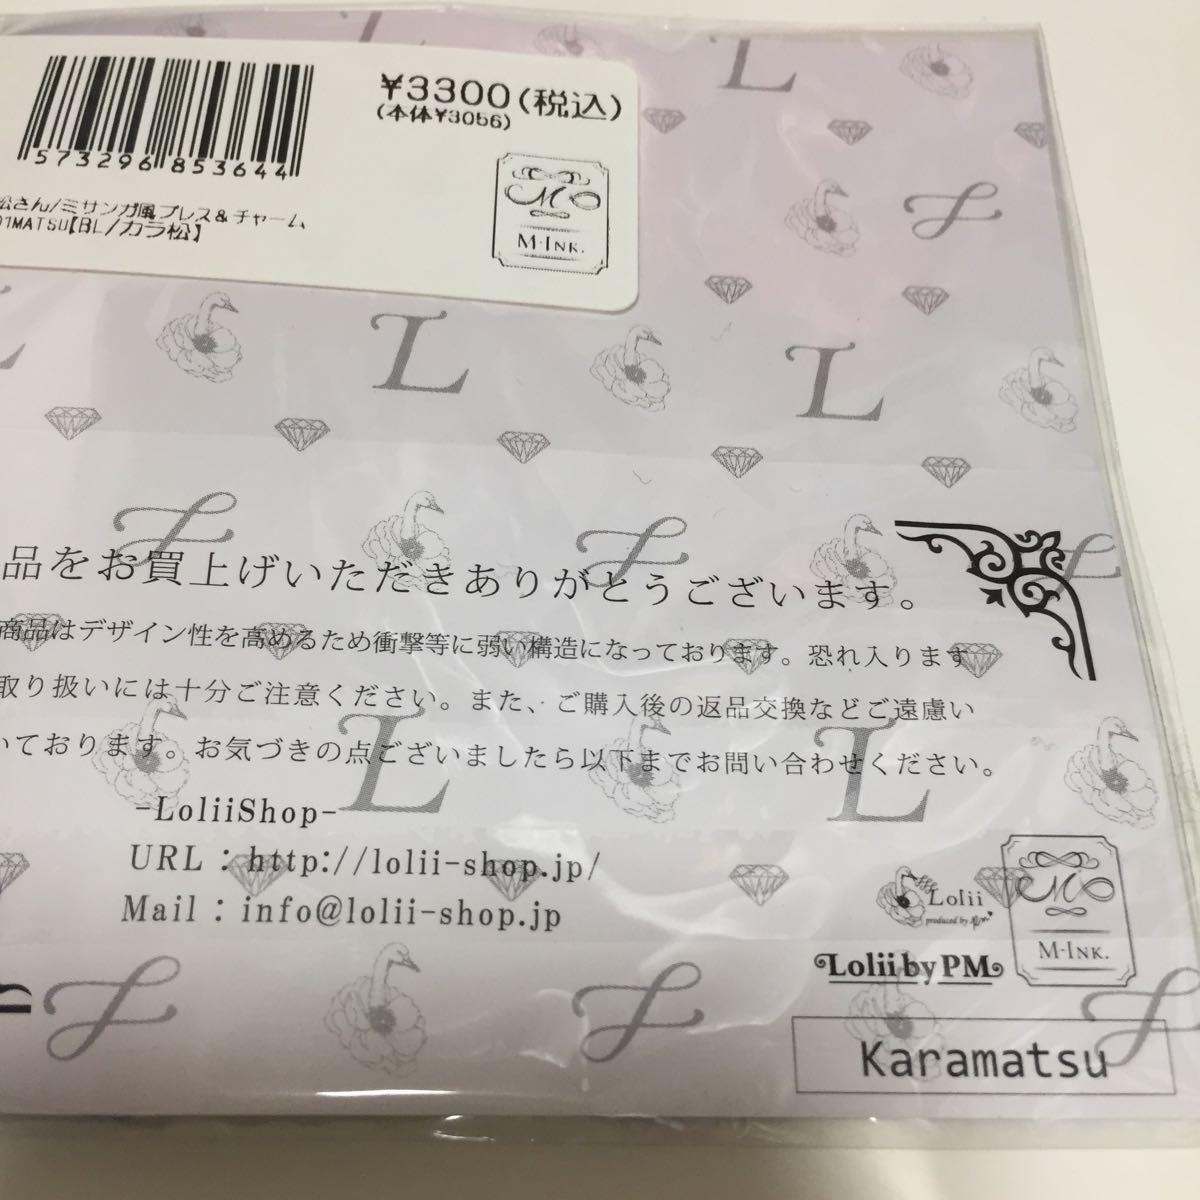 おそ松さん ブレスレット 限定 カラ松 新品未開封品! ミサンガ チャーム 青_画像4